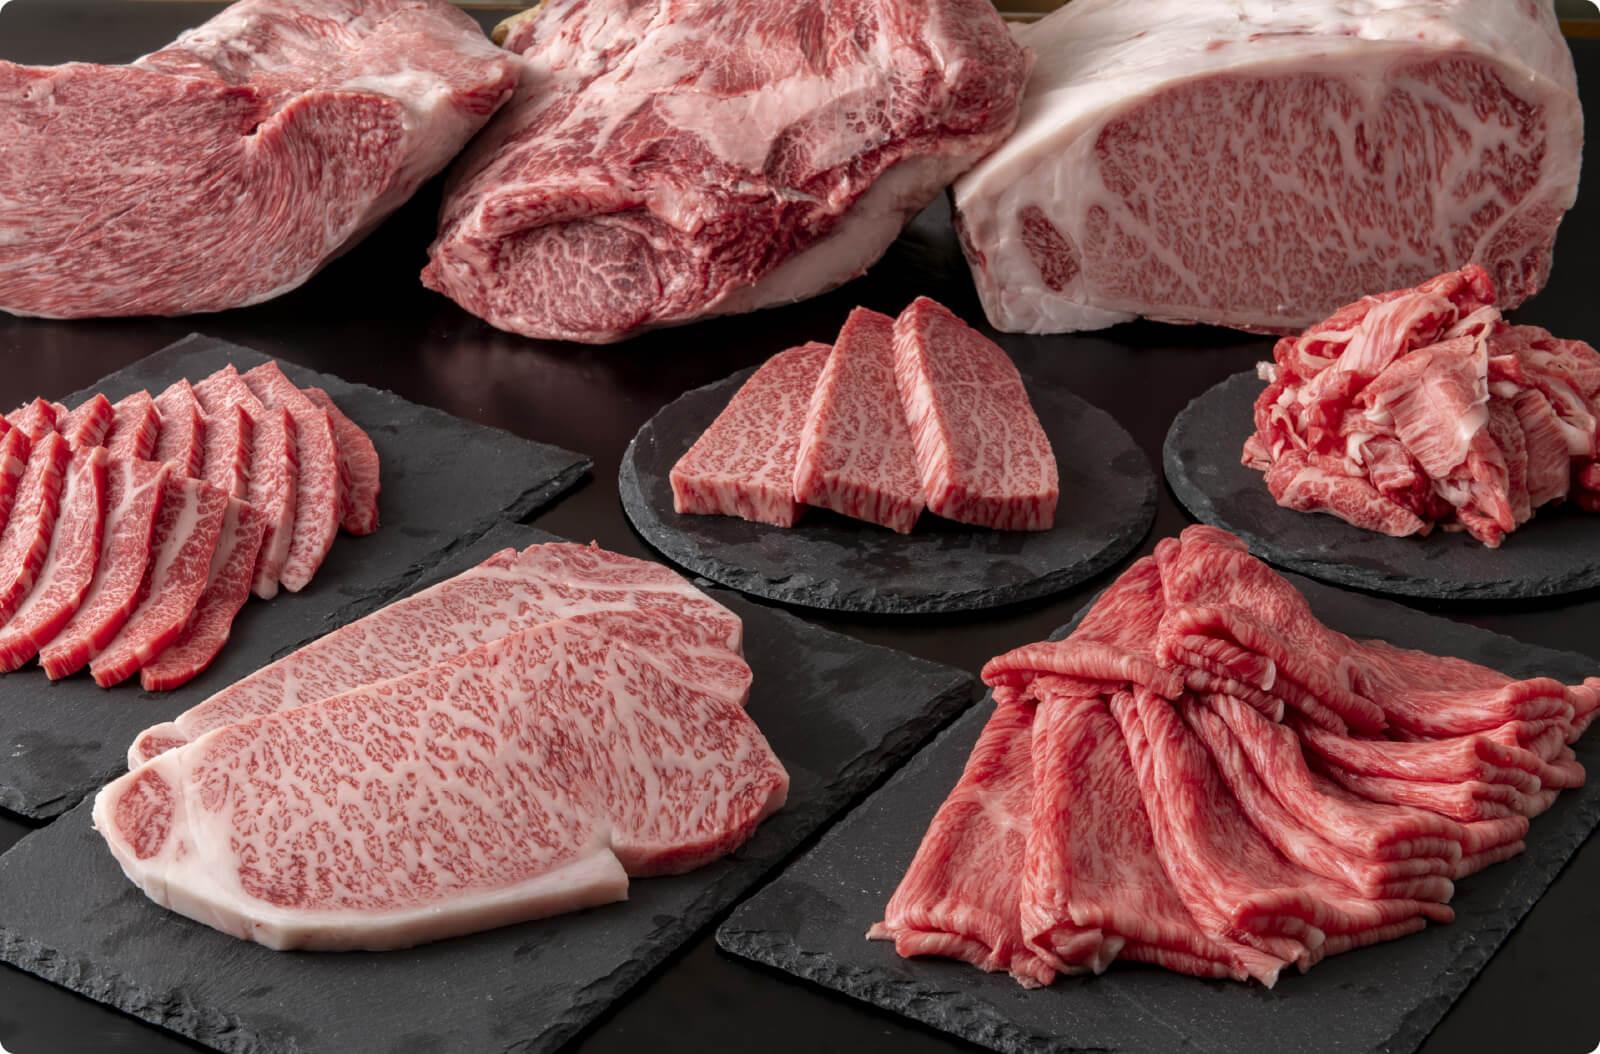 お肉の注文について、にくけんからのお願い